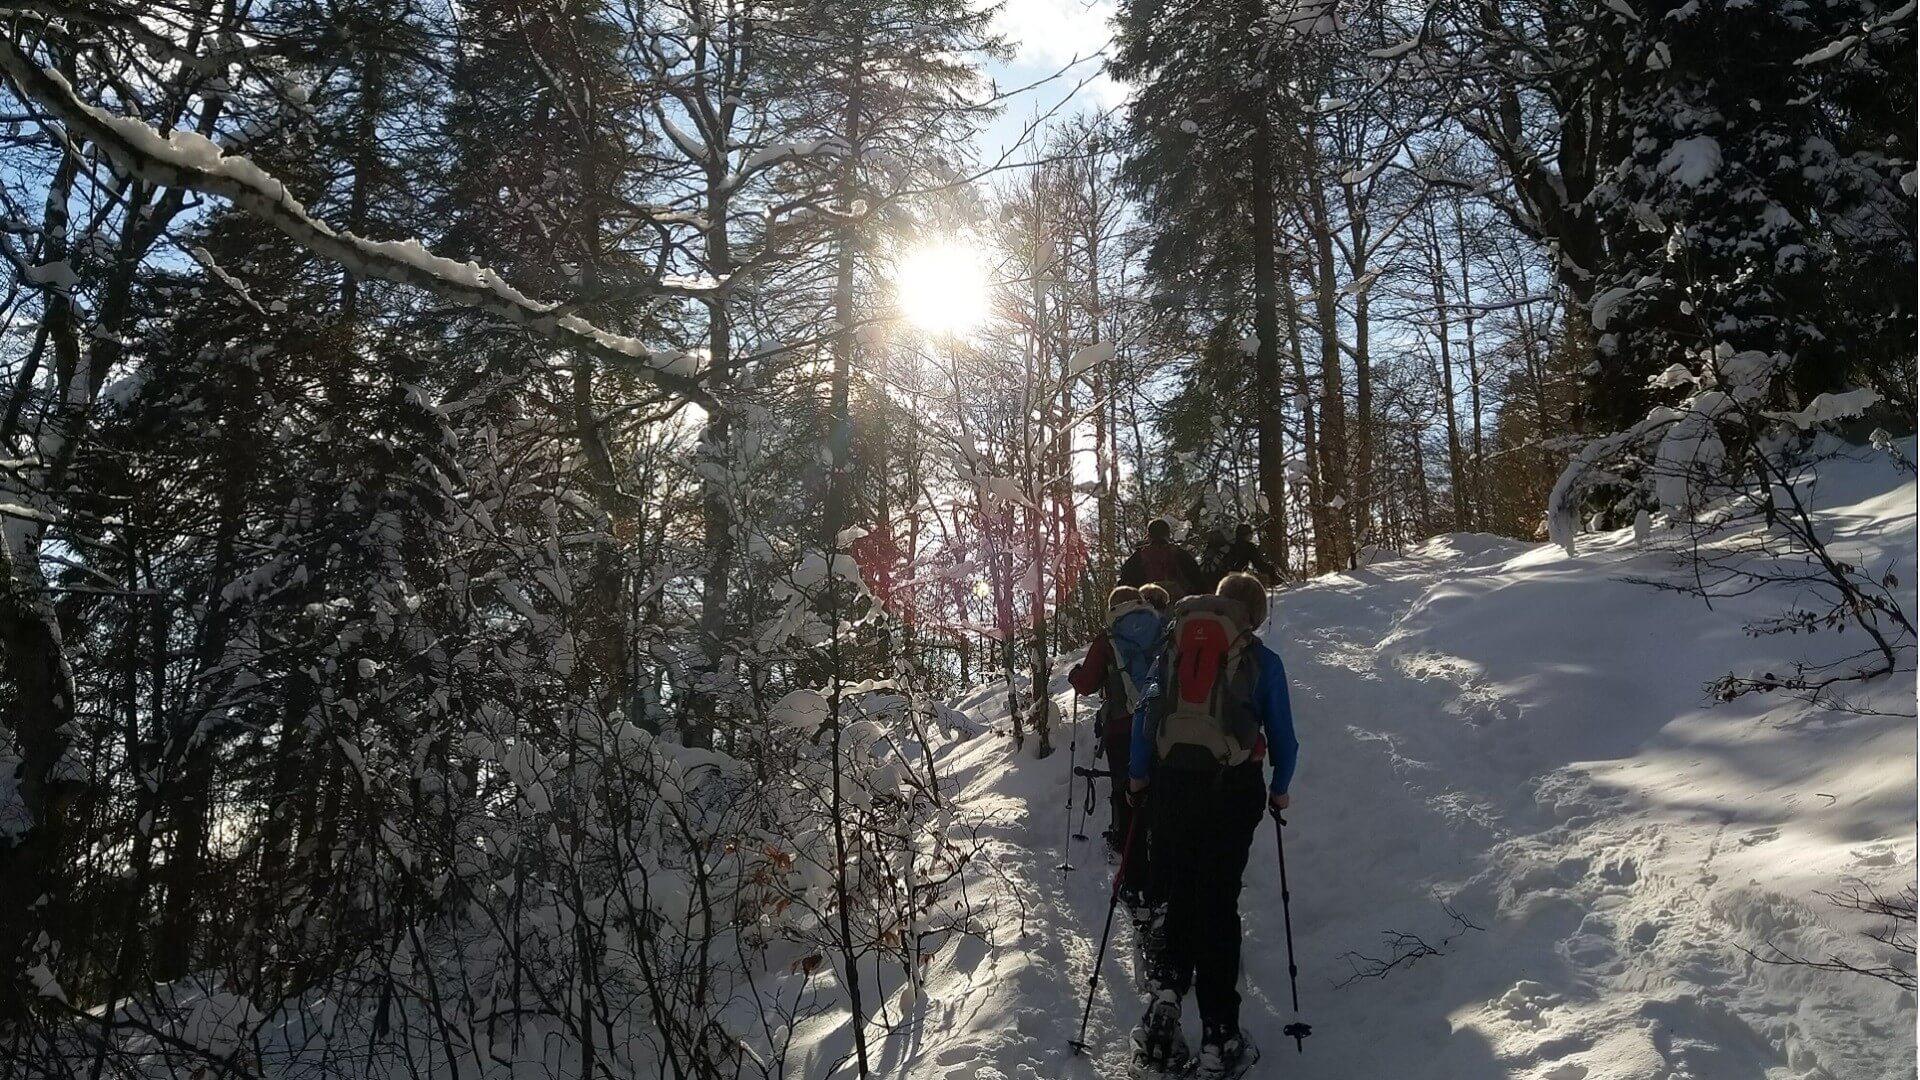 schwanden-schneeschuhtour-winter-gruppe-im-wald